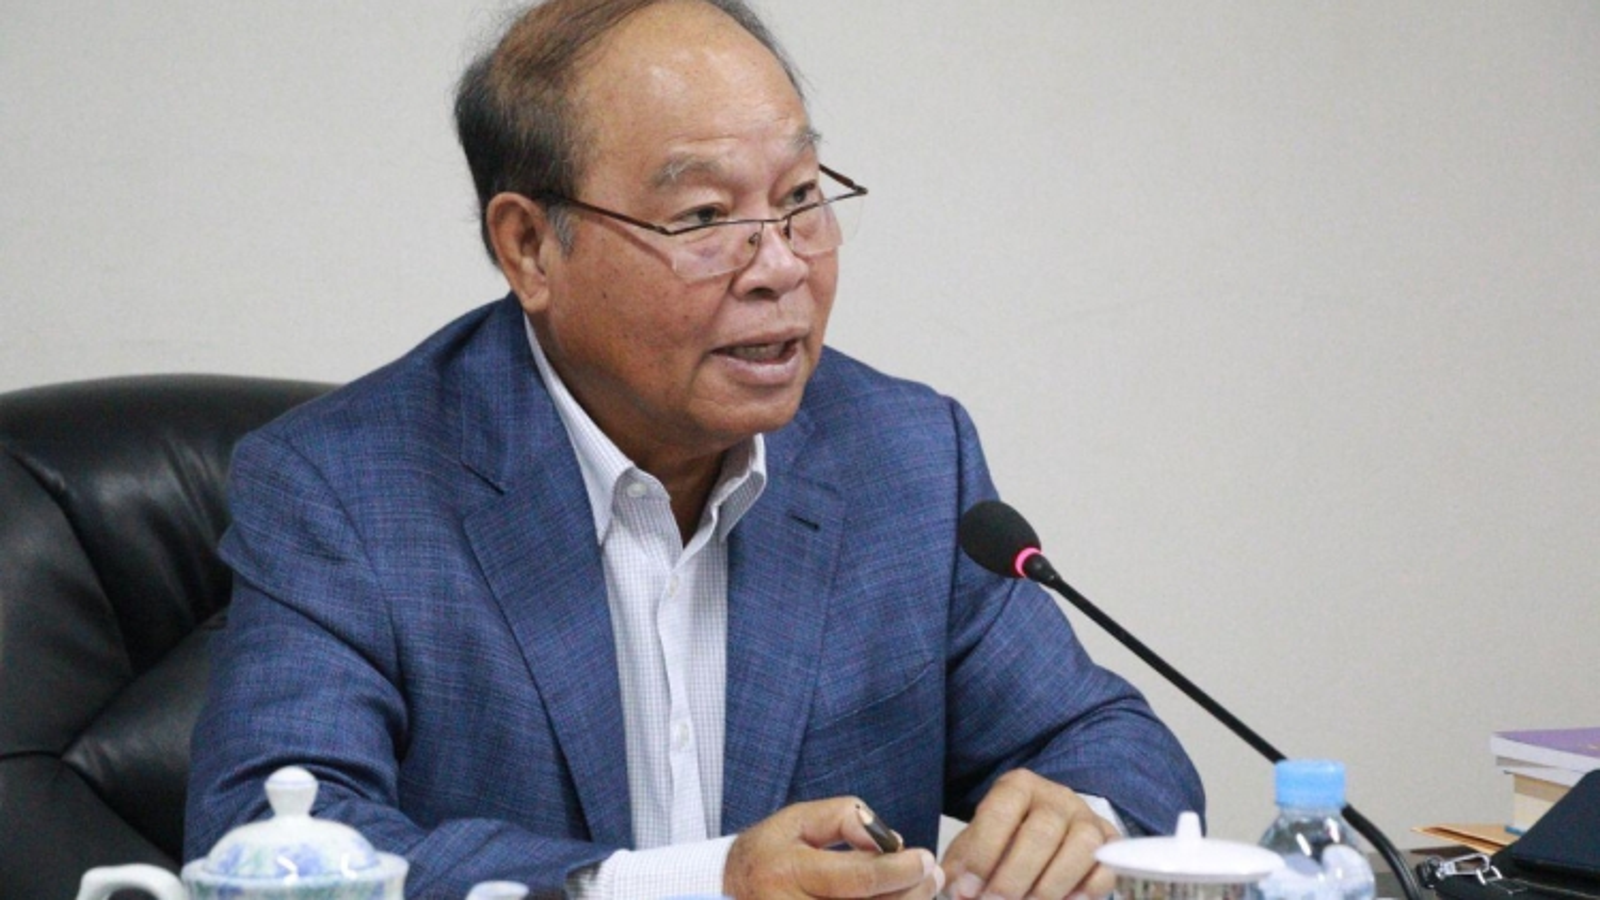 Campuchia sẽ xây dựng trung tâm xét nghiệm Covid-19 cấp khu vực